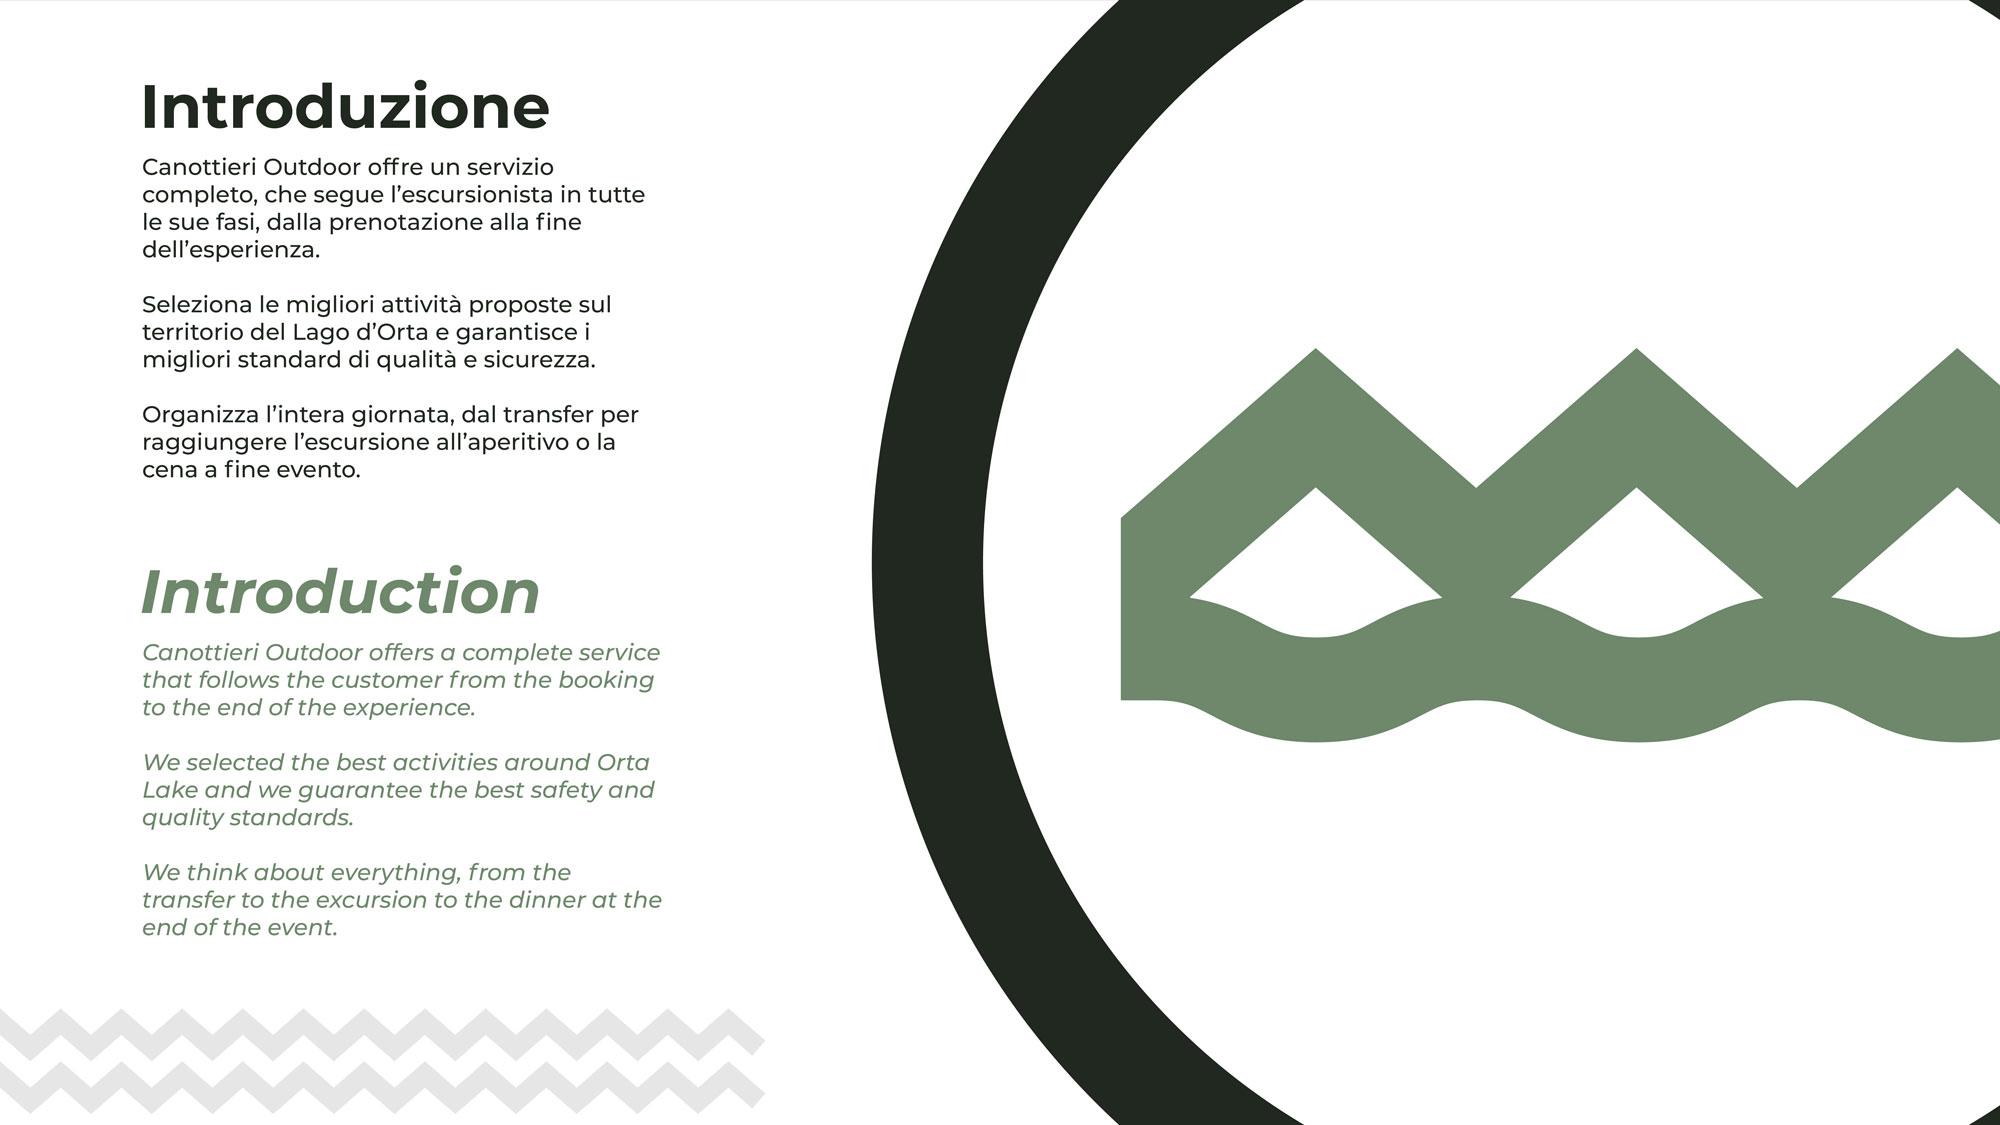 Paragrafo di introduzione del progetto di logo e brand identity di canottieri outdoor. testo di colore nero e verde sulla sinistra su sfondo bianco e sulla destra il logo